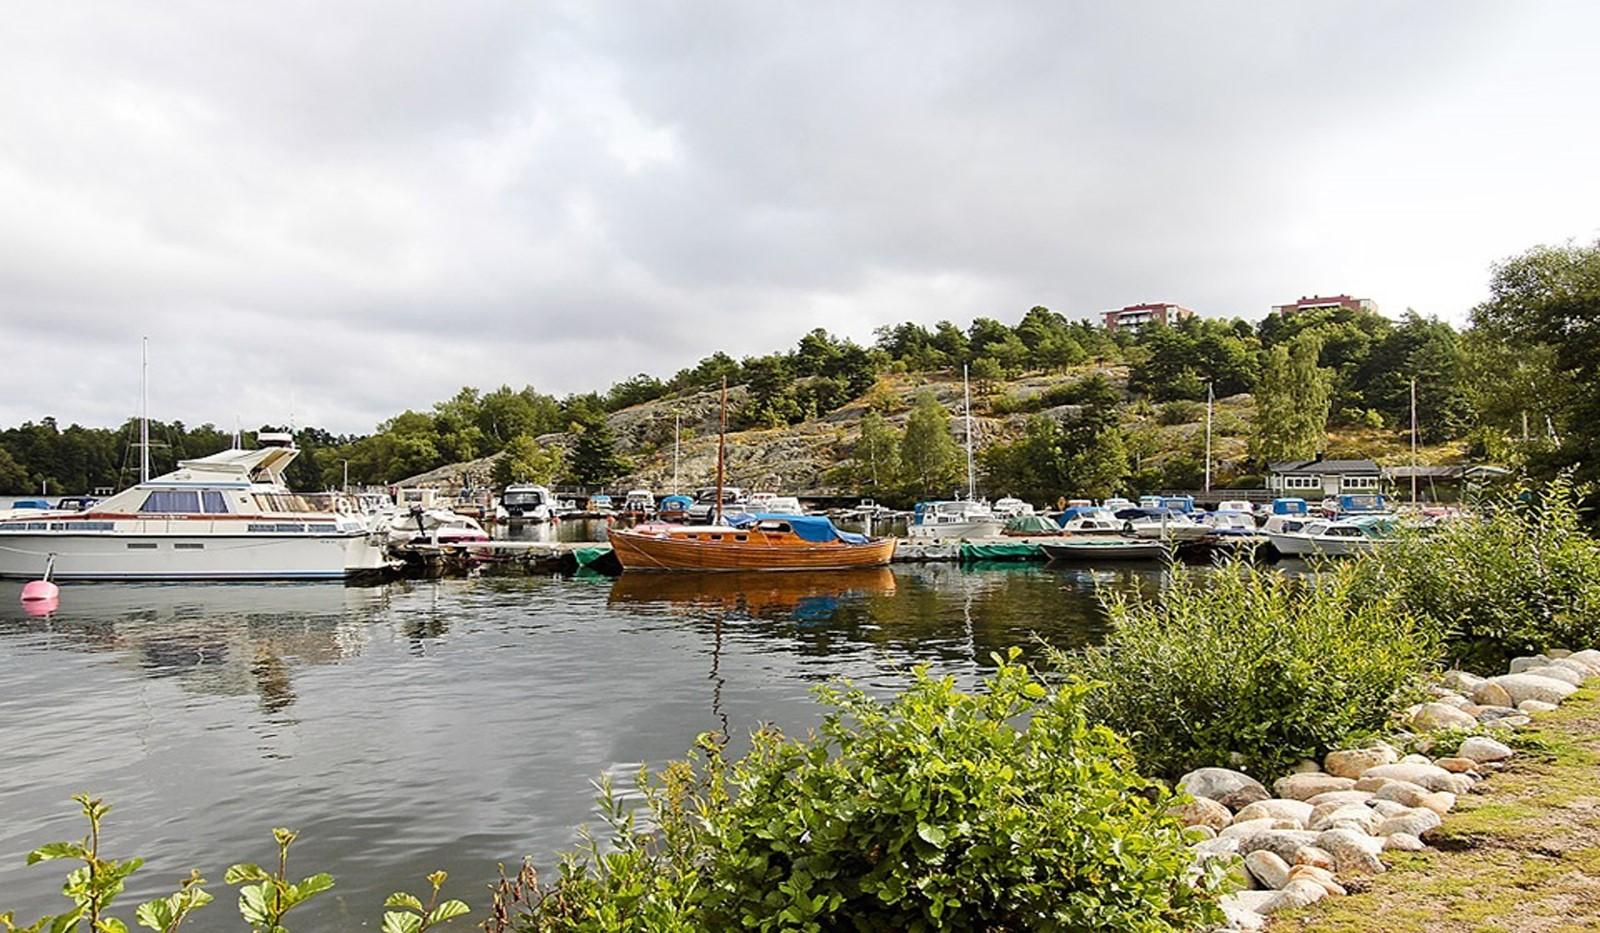 Hägerstensvägen 99B - Flera båtklubbar